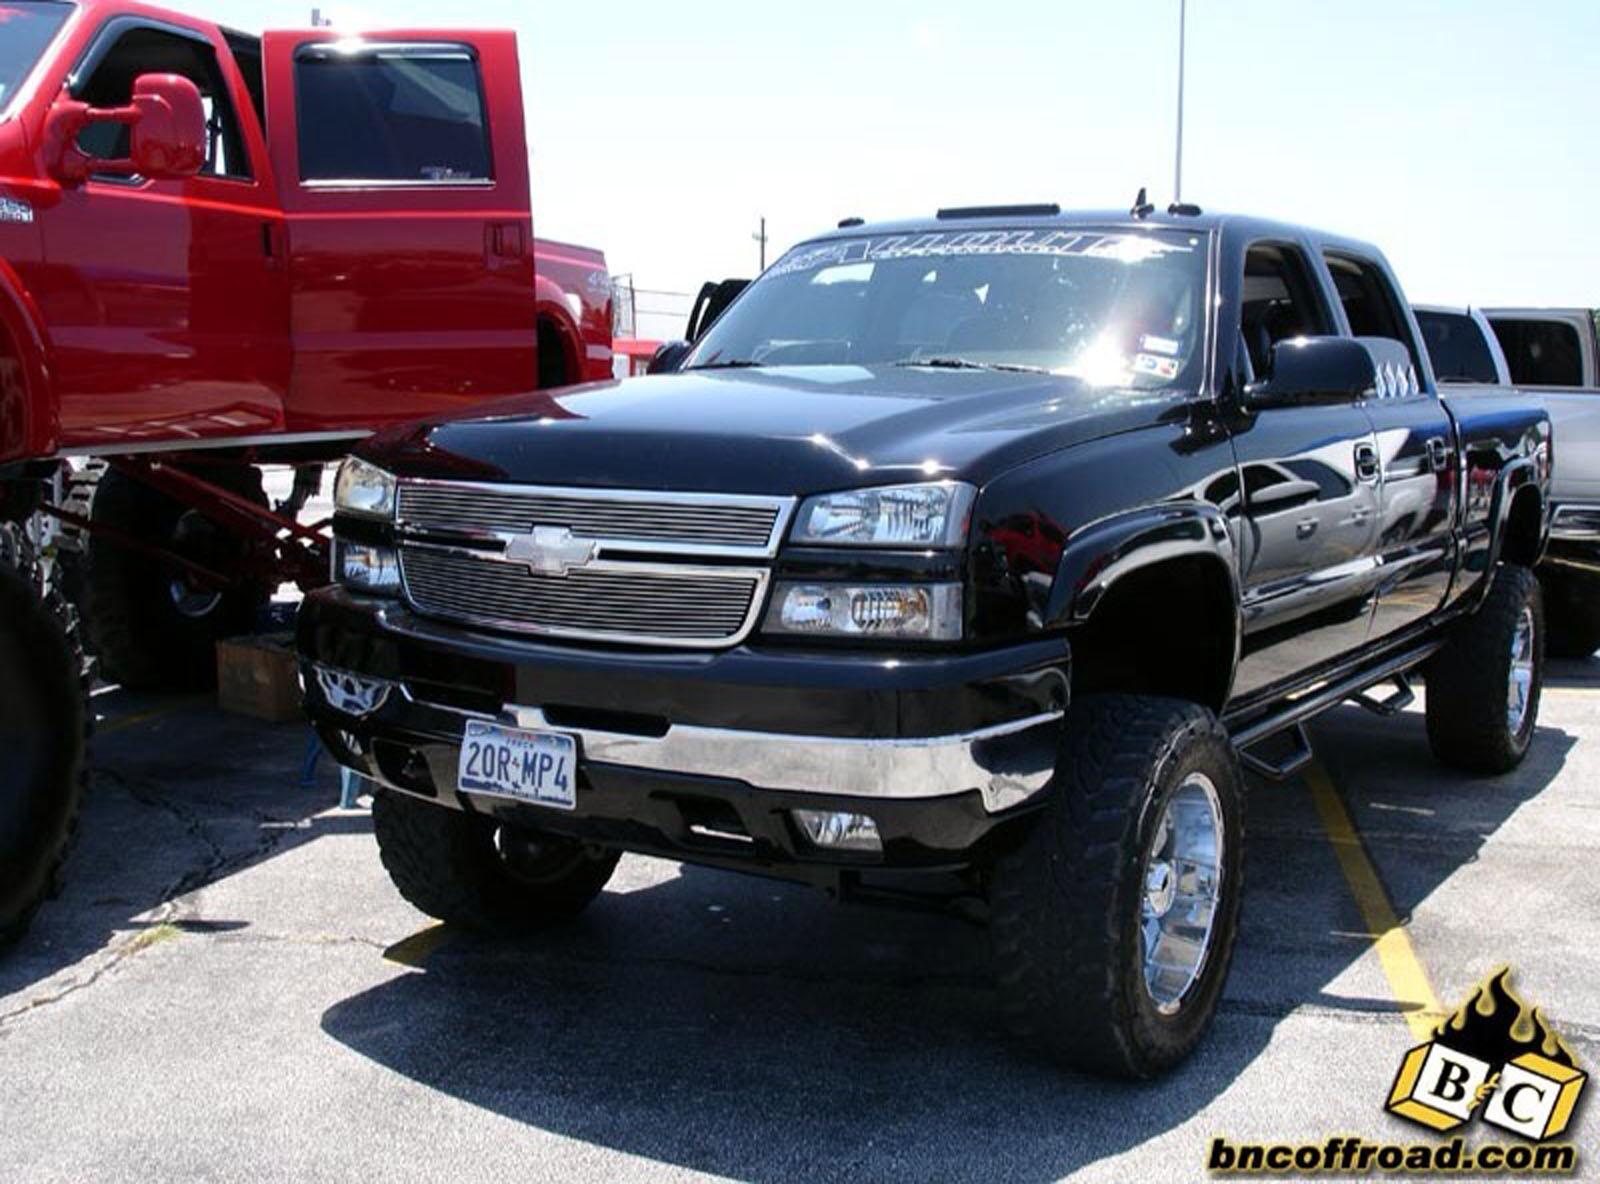 Silverado 2006 chevrolet silverado 2500hd for sale : 2006 Chevrolet ltz duramax [Silverado] duramax For Sale ...